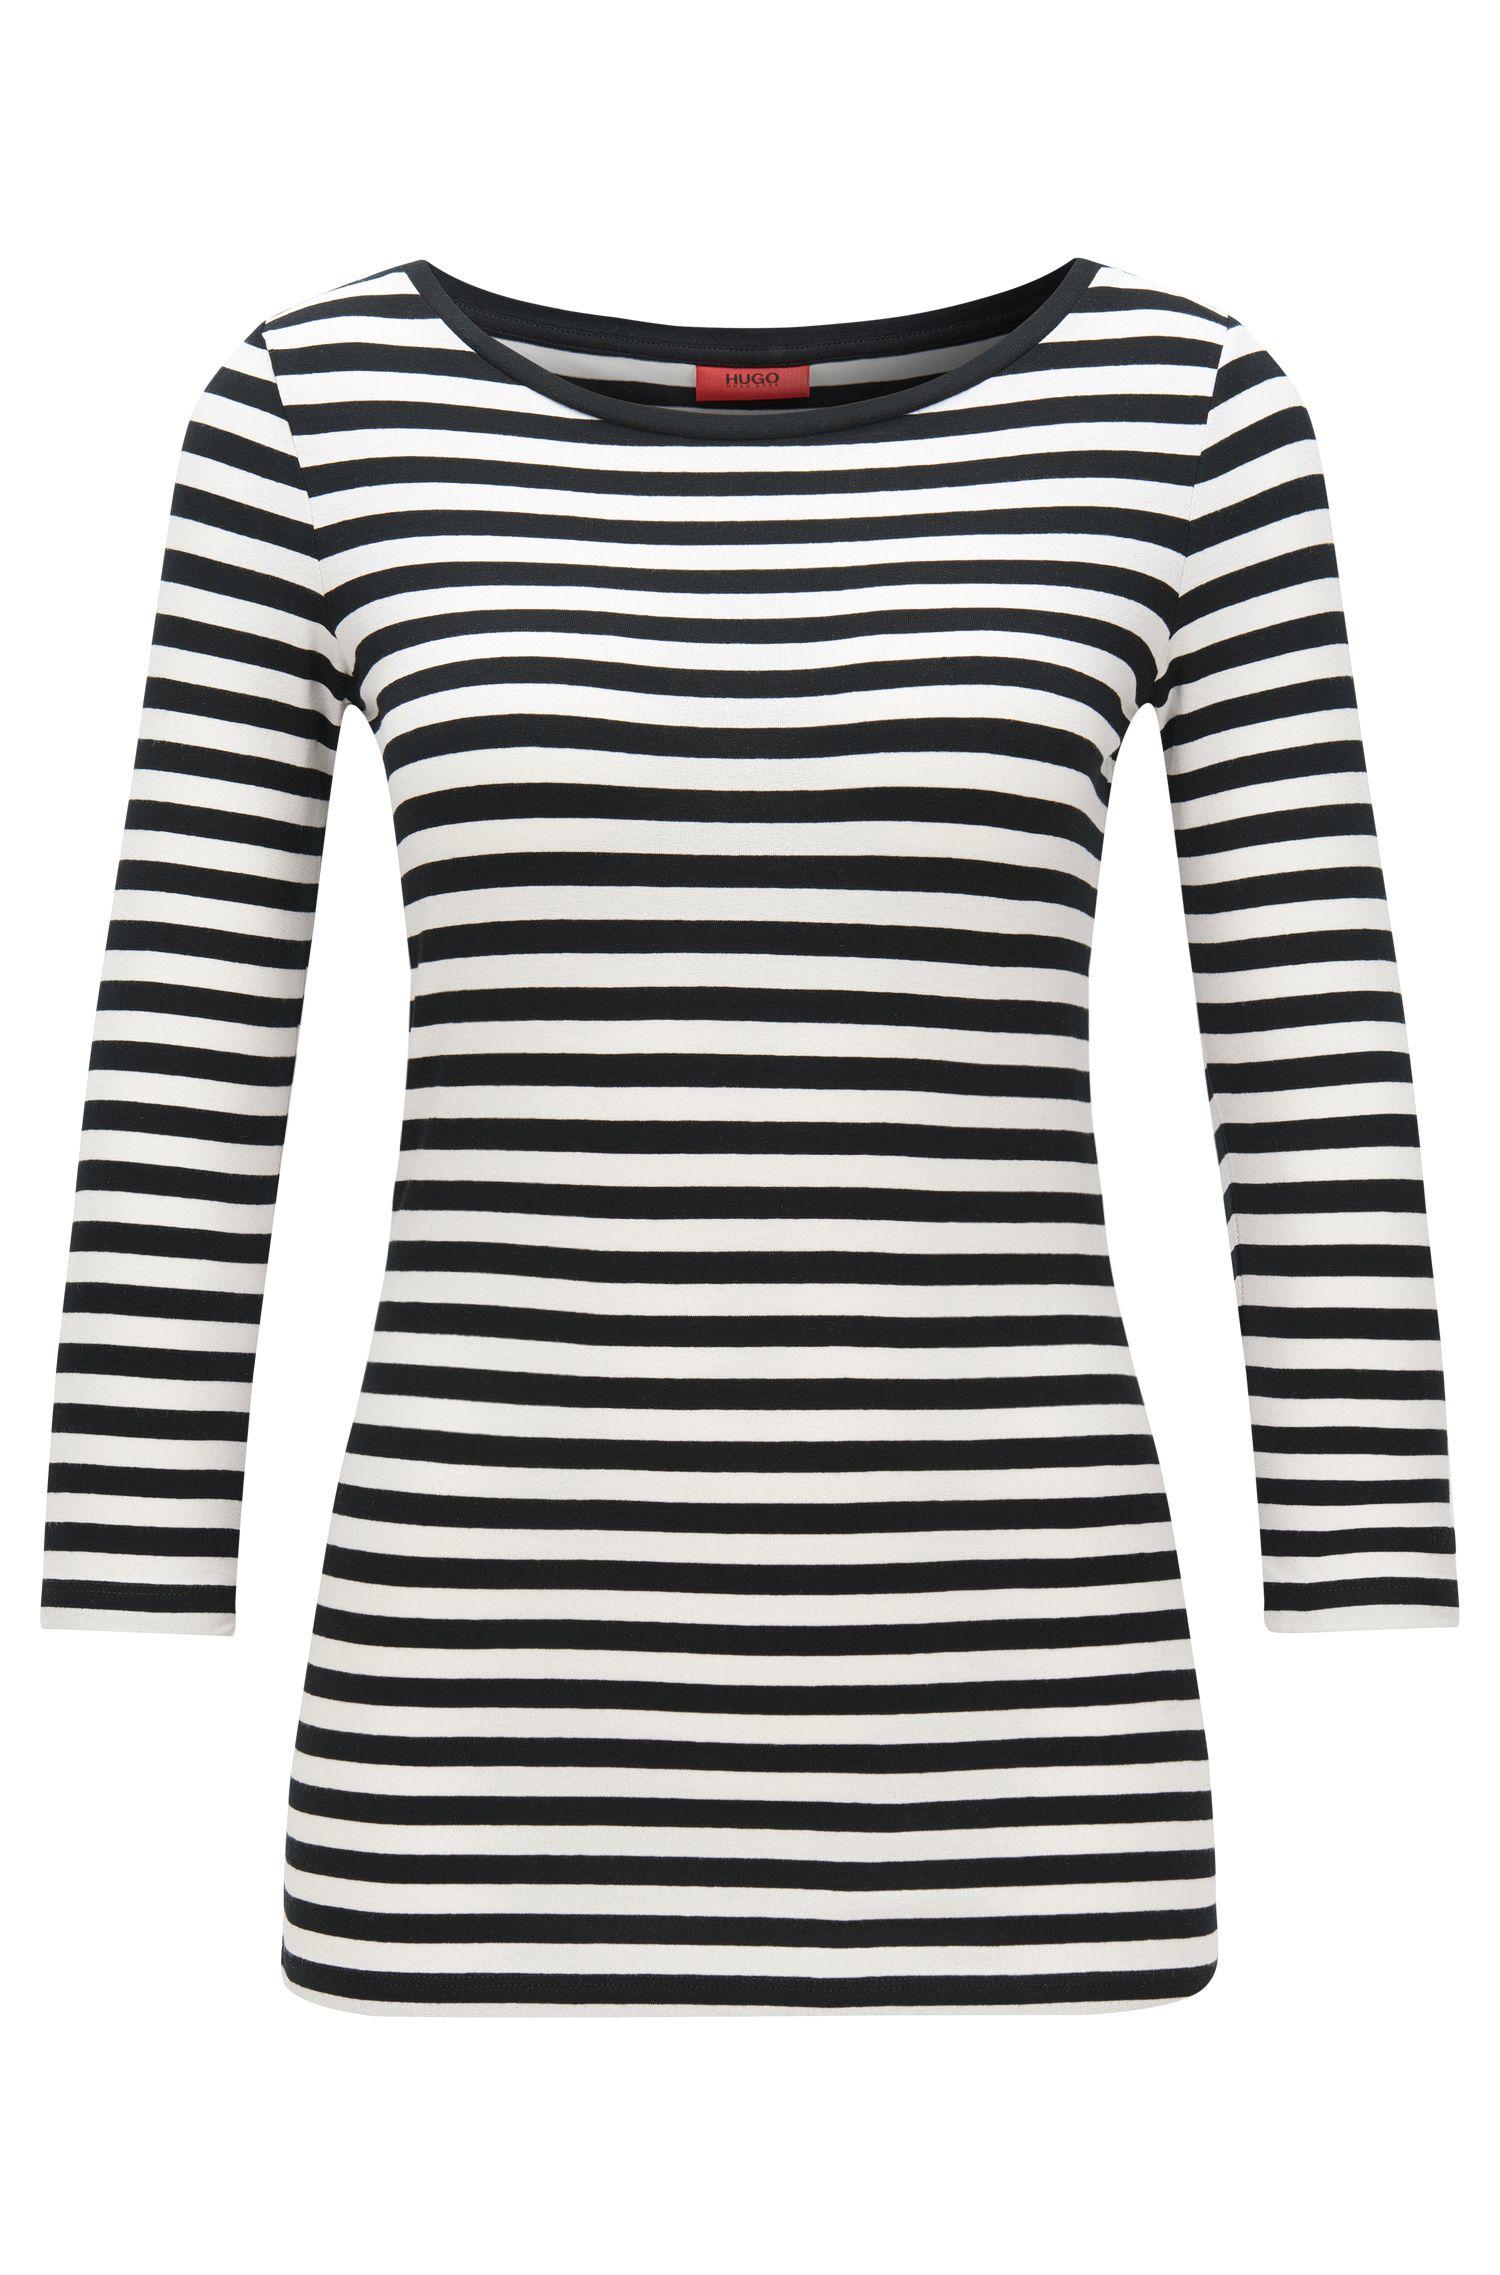 T-shirt Slim Fit en jersey à rayures, à encolure bateau